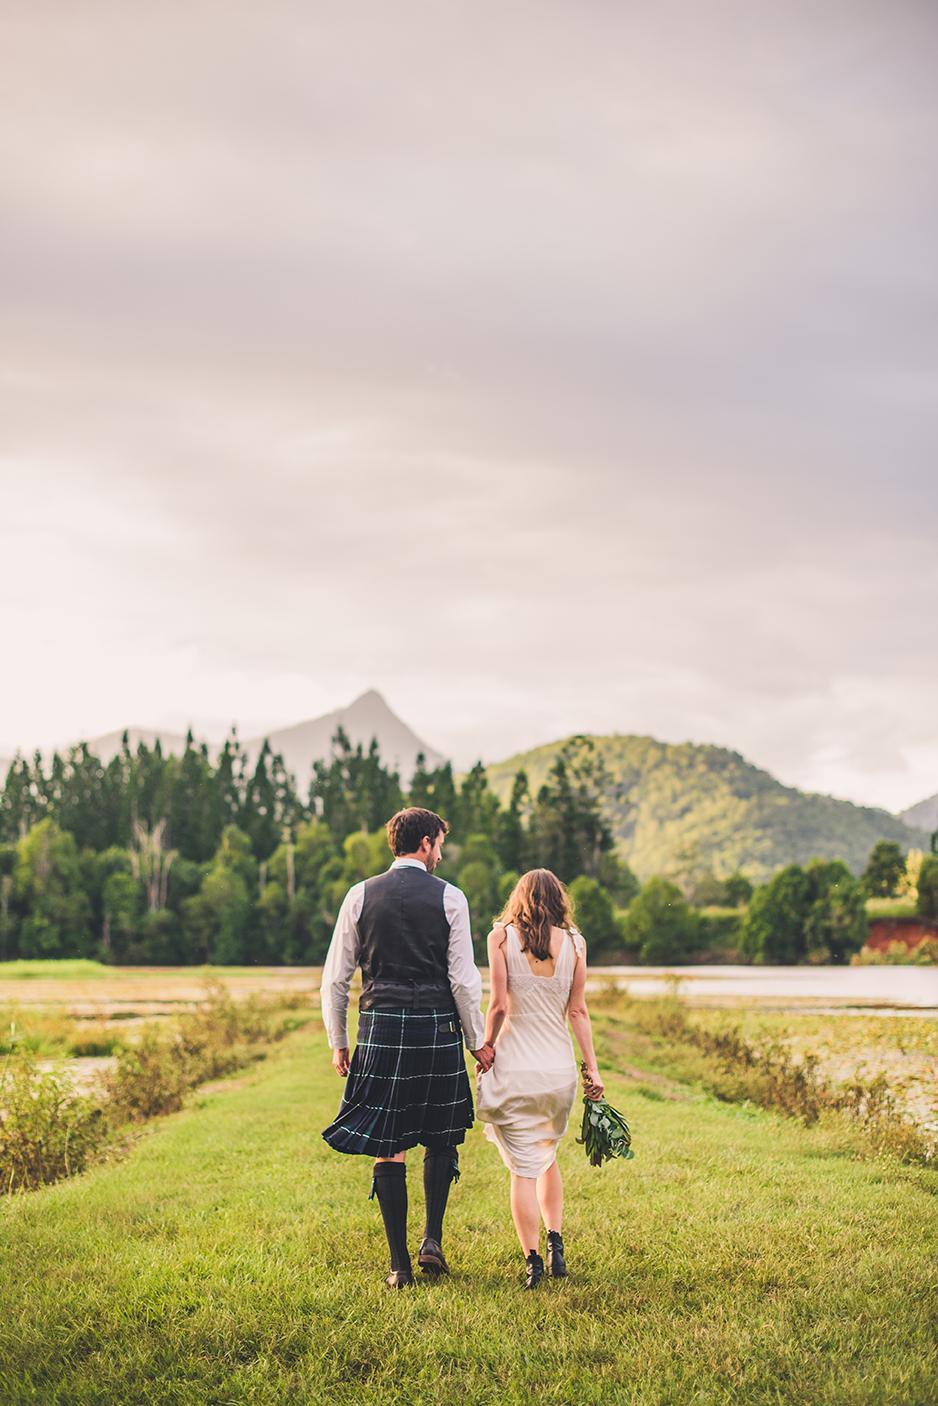 bec_and_ross_april2017_rachel_manns_458_midginbil_hill_wedding_photographer.jpg